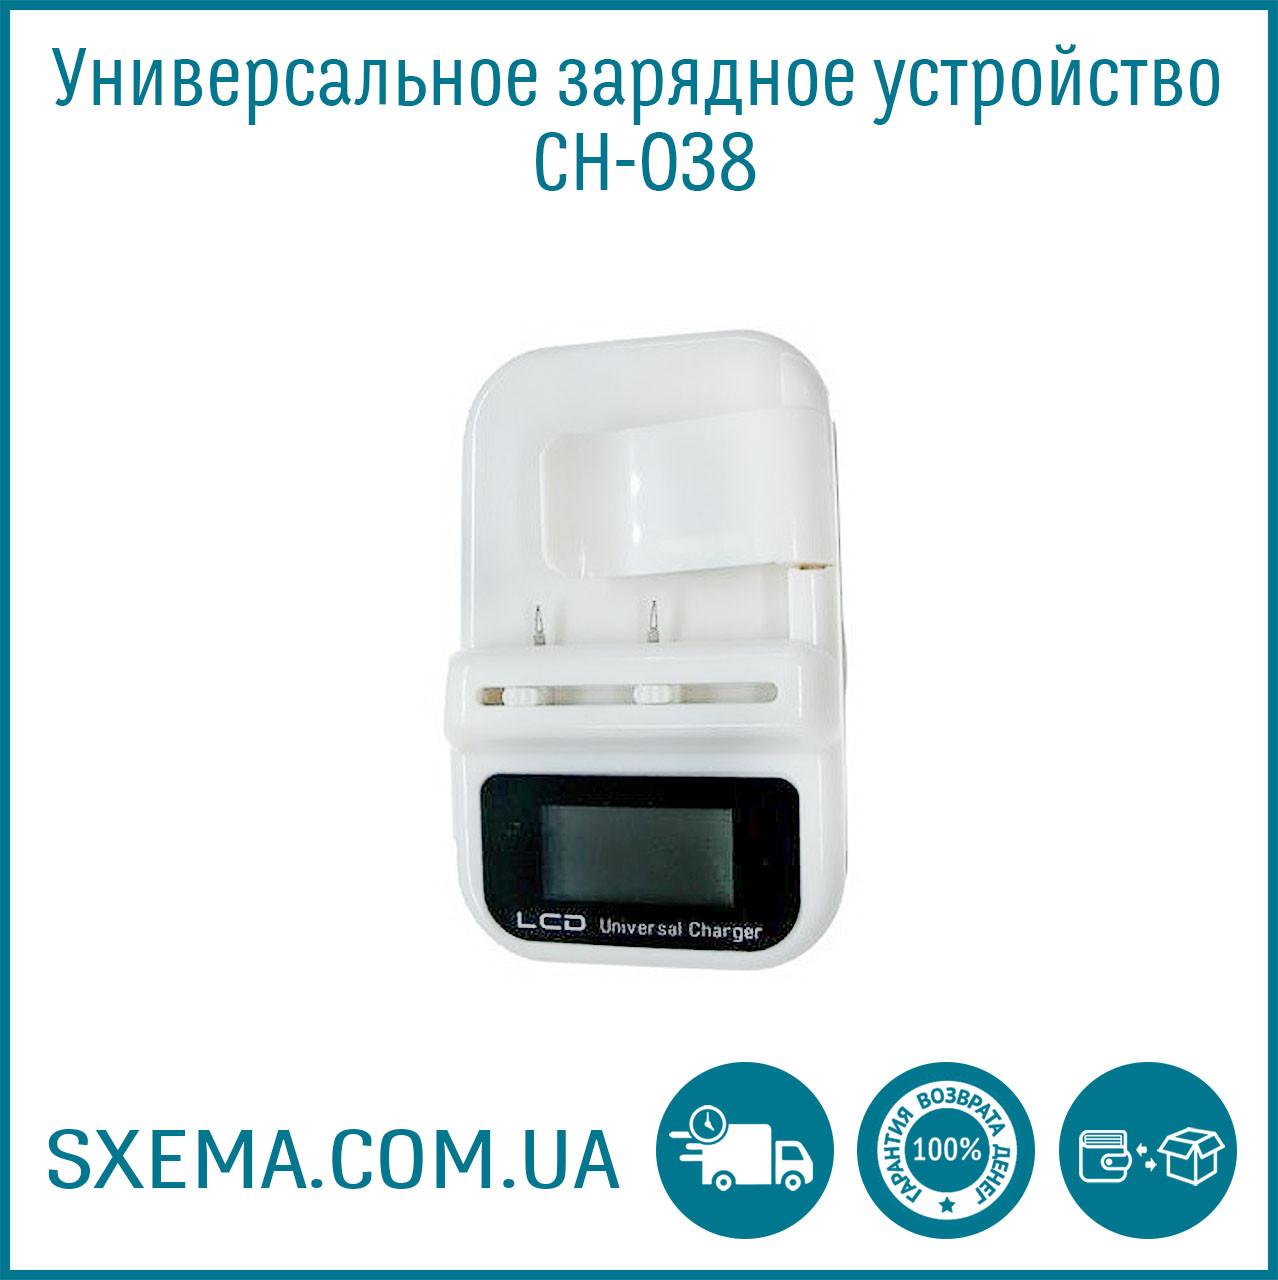 Универсальное зарядное устройство CH-038 (жабка) с экраном